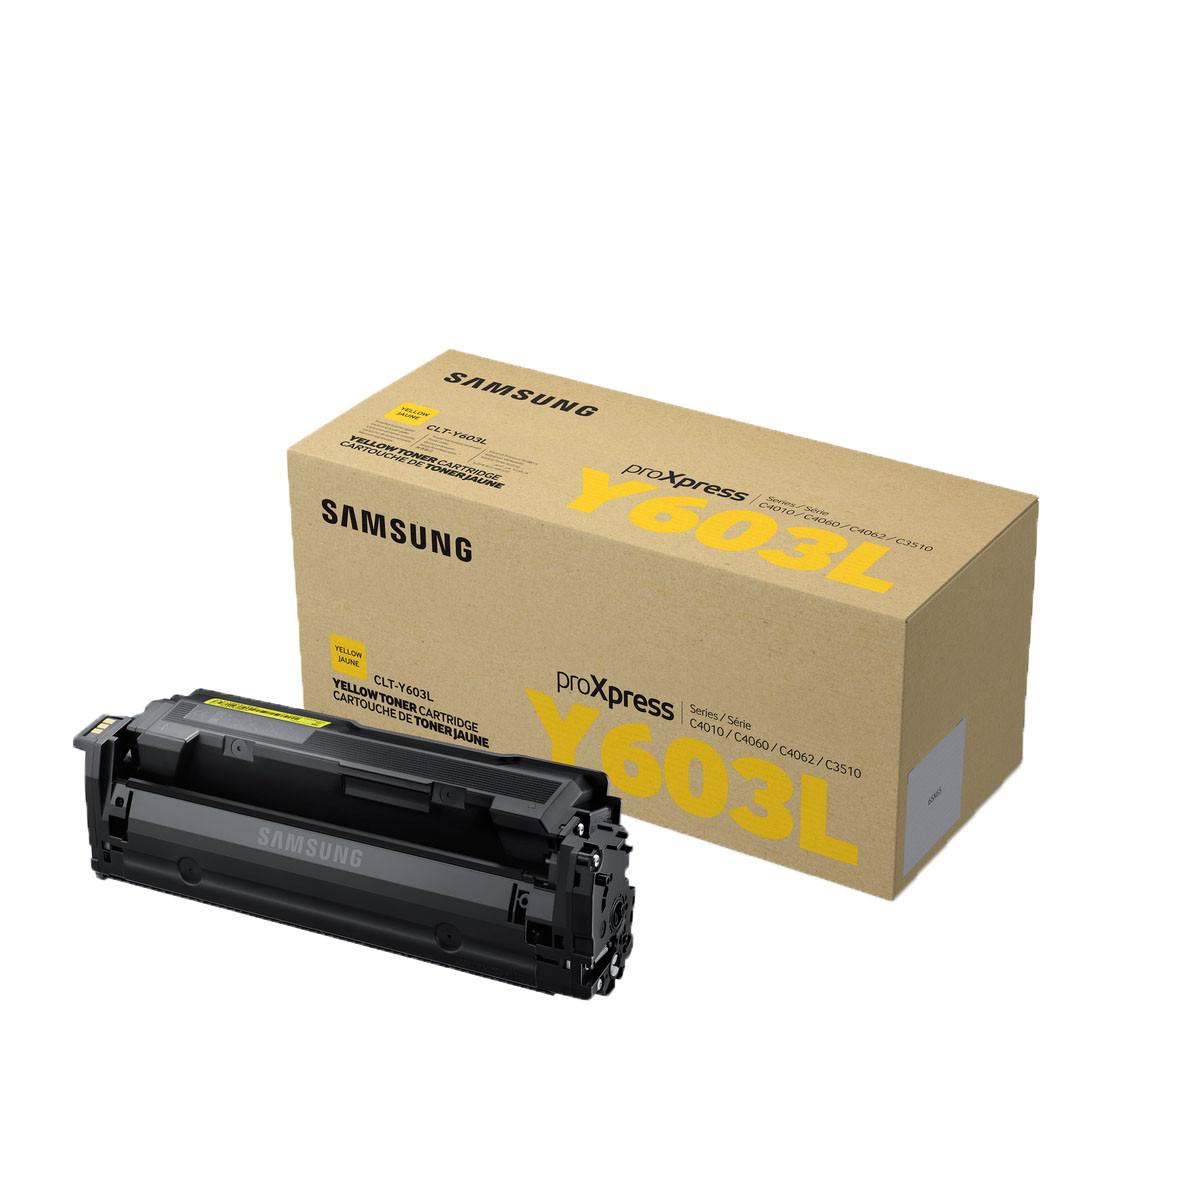 Toner Samsung CLT-Y603L Y-603L Amarelo | C4010 C4060 | Original 10K